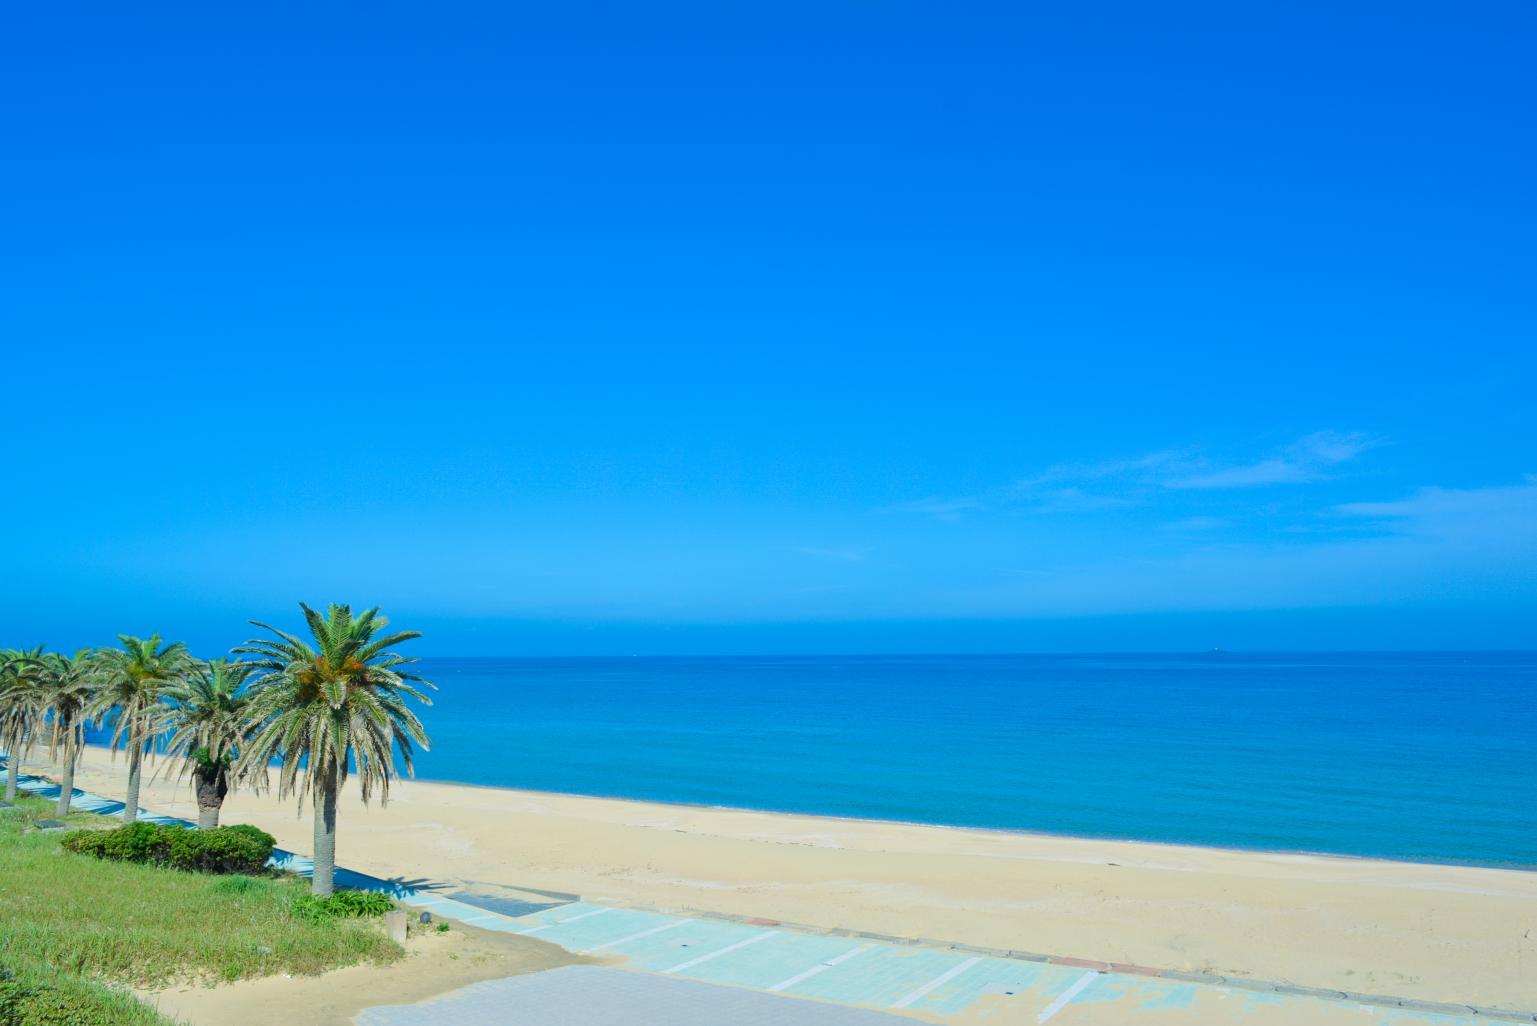 水平線が丸く見える常夏の島、海の大パノラマに感動。-2